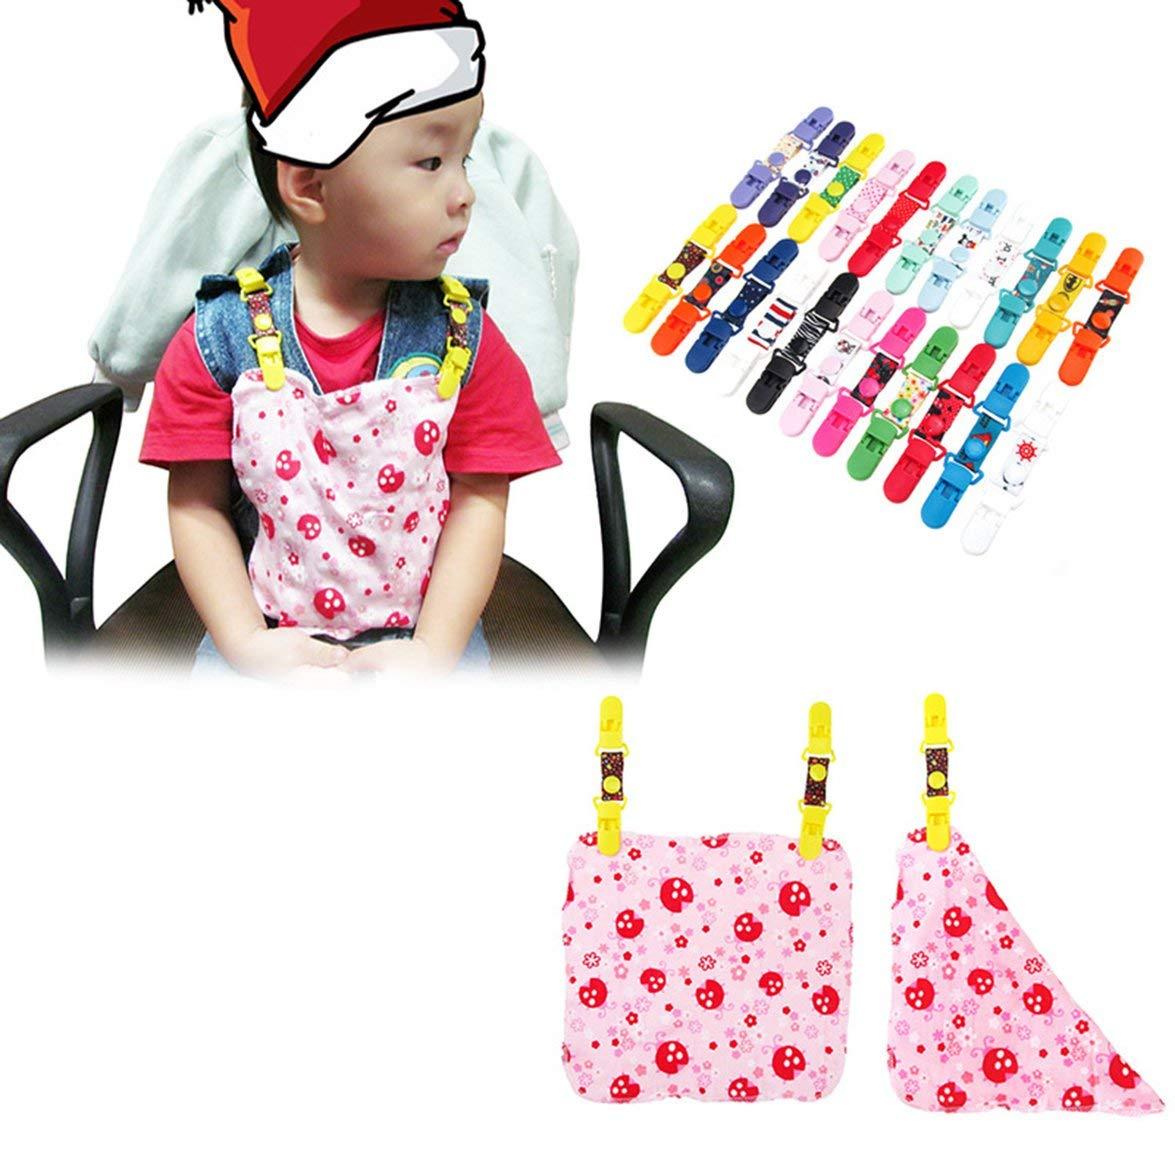 Vinkent Baby Safety Products Cha/îne de s/écurit/é pour Serviettes de b/éb/é avec Fermeture /à glissi/ère pour b/éb/és